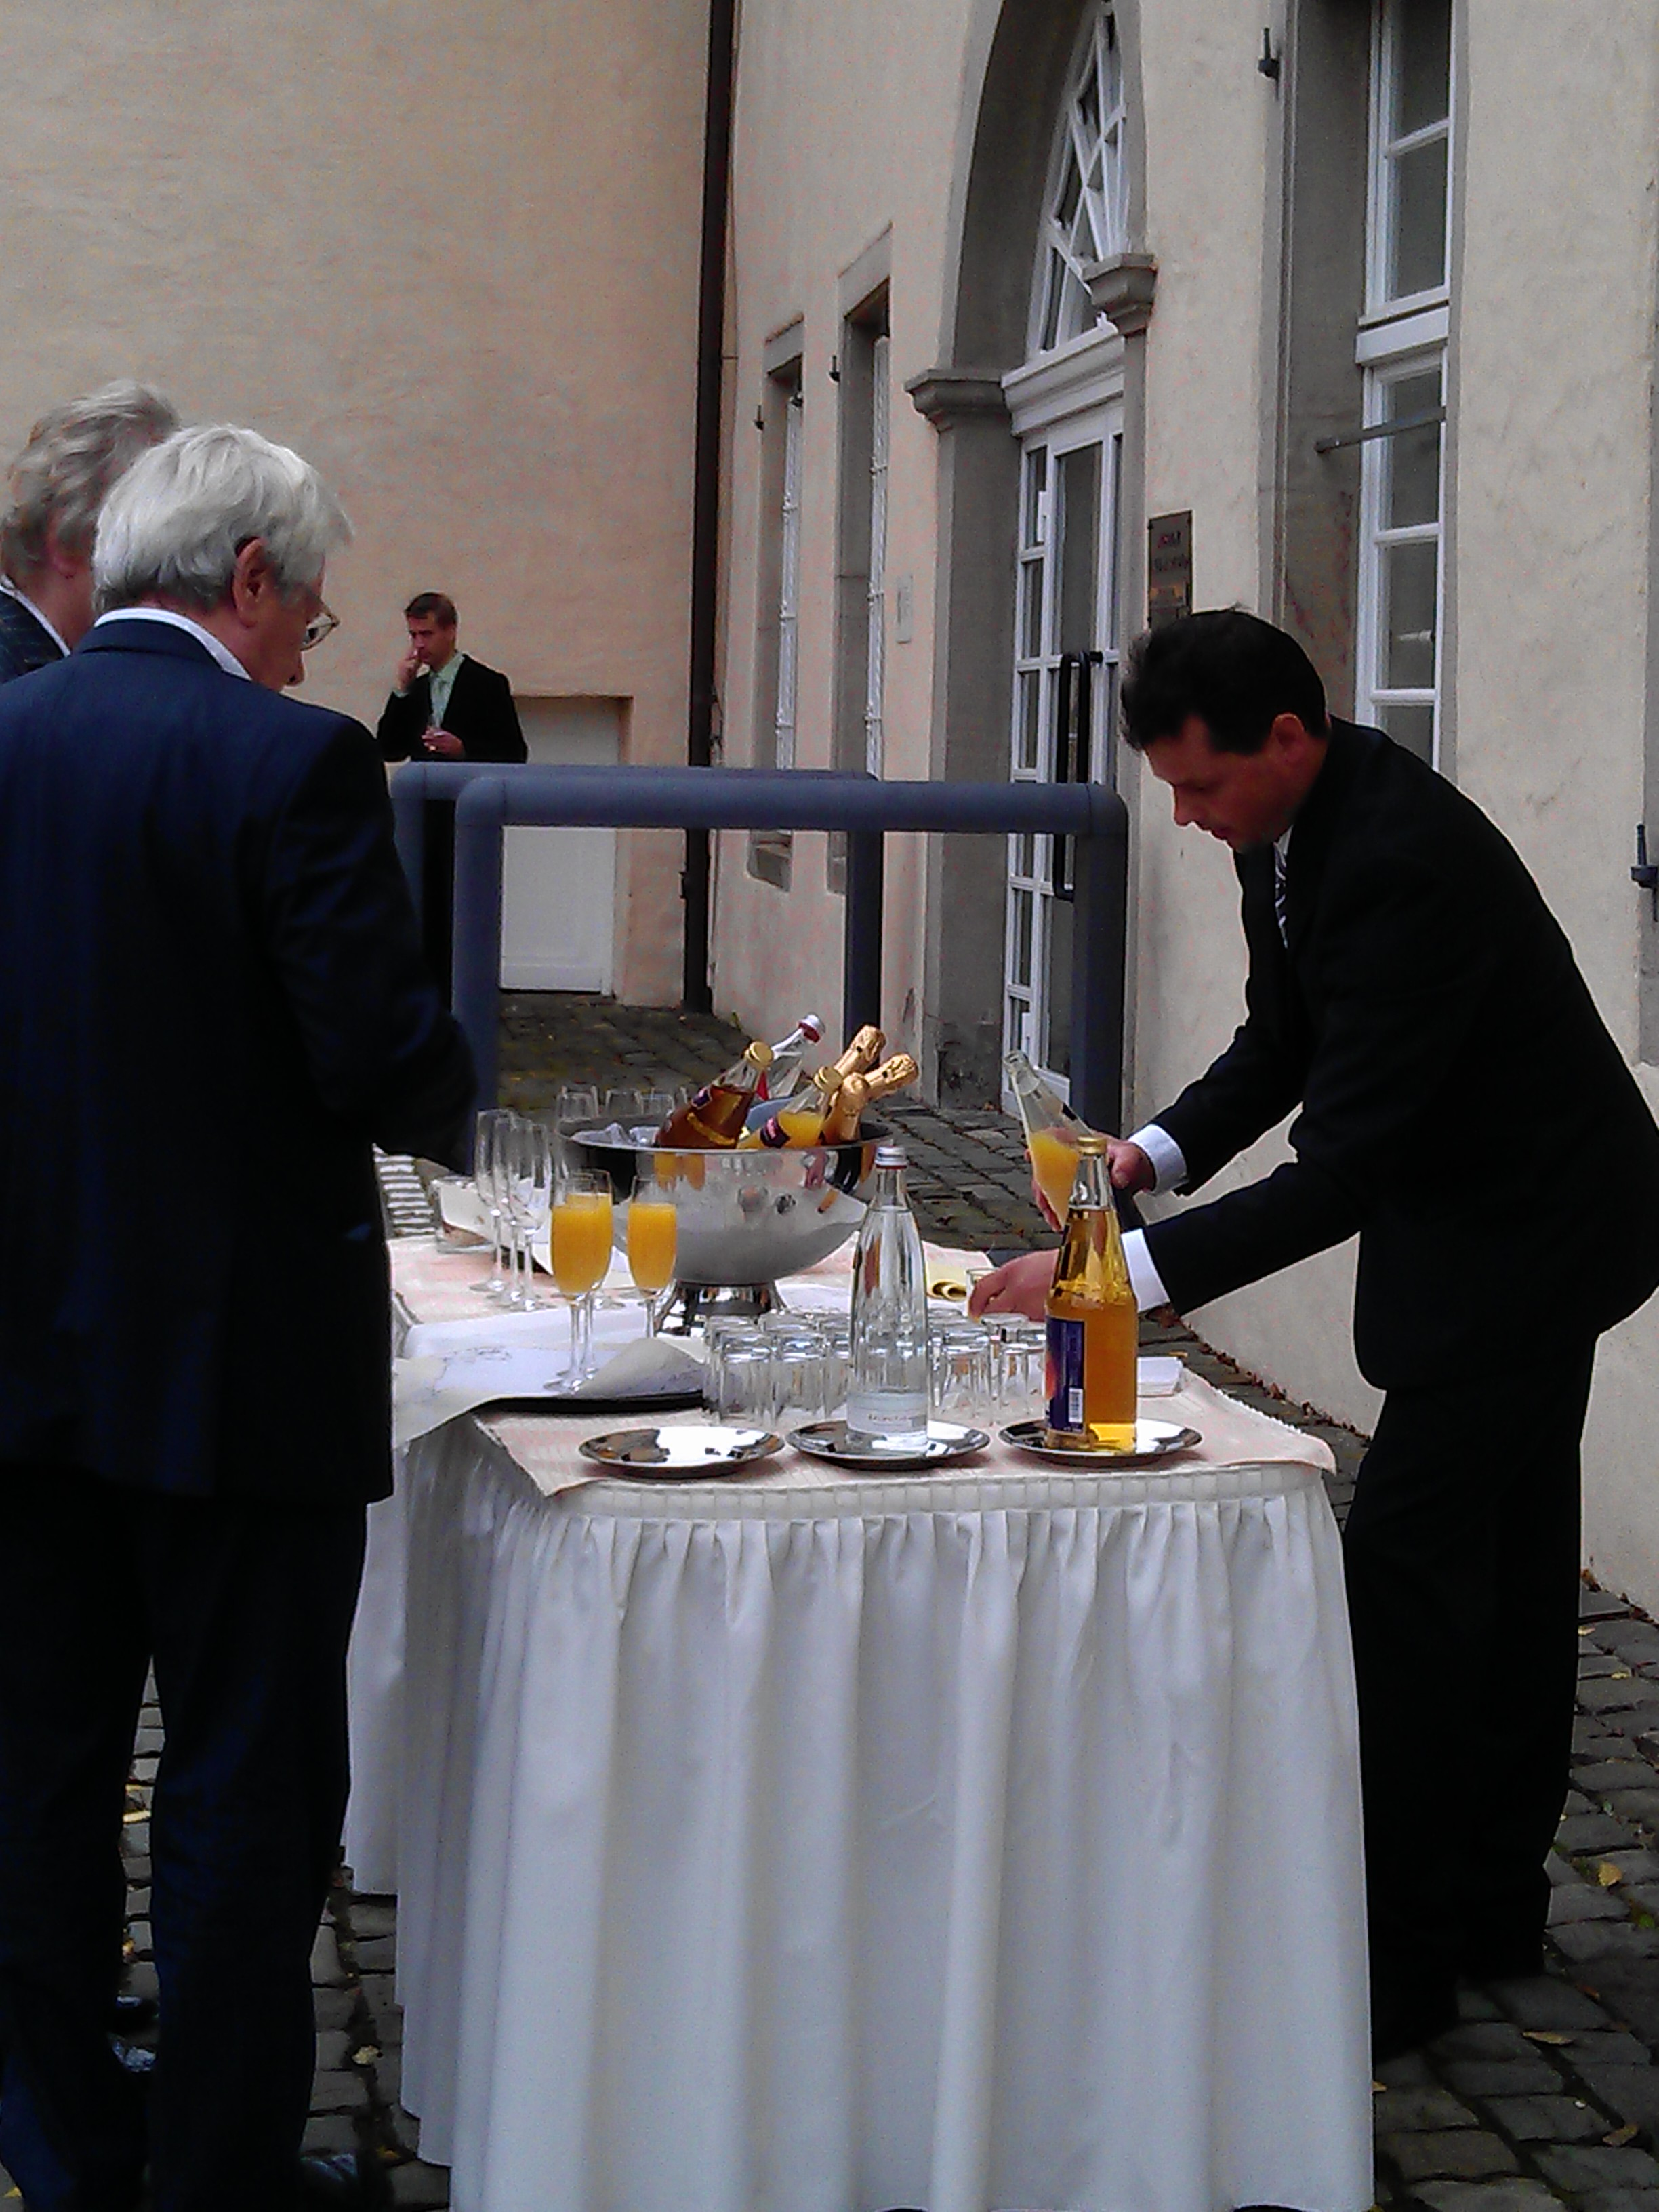 Sektempfang Schloss Martfeld Schwelm -4 | ©ihrehochzeitstauben